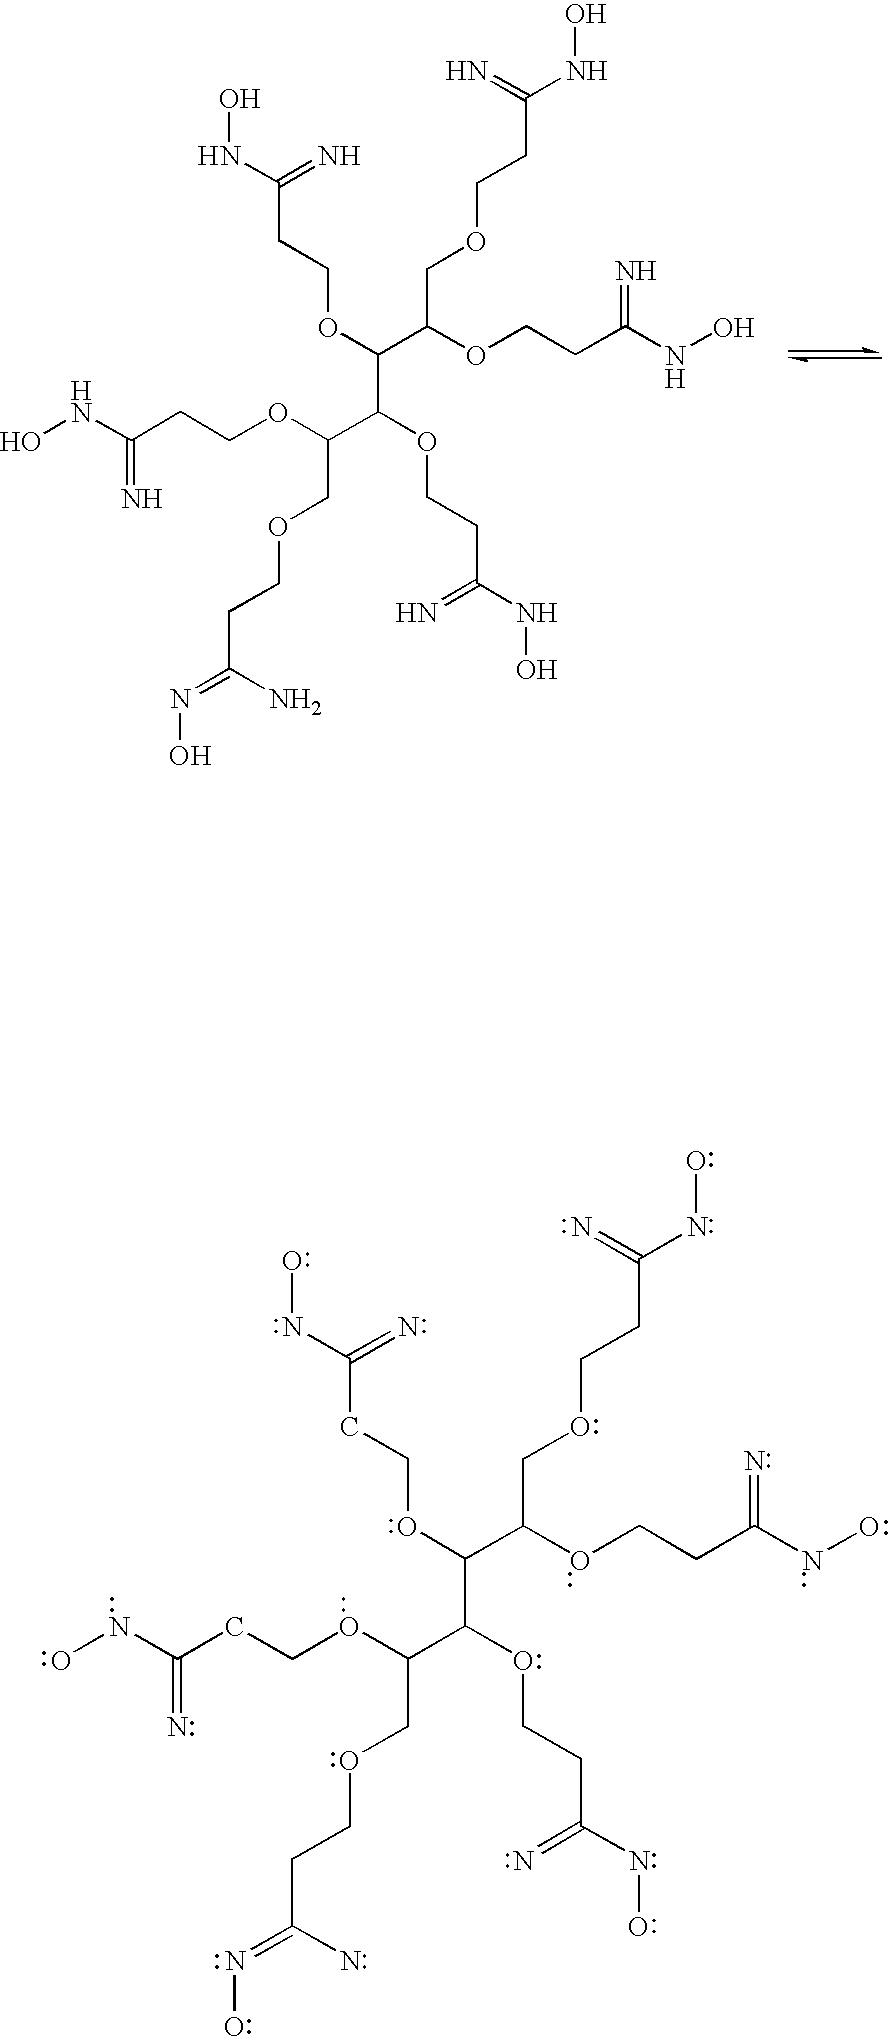 Figure US20090130849A1-20090521-C00169